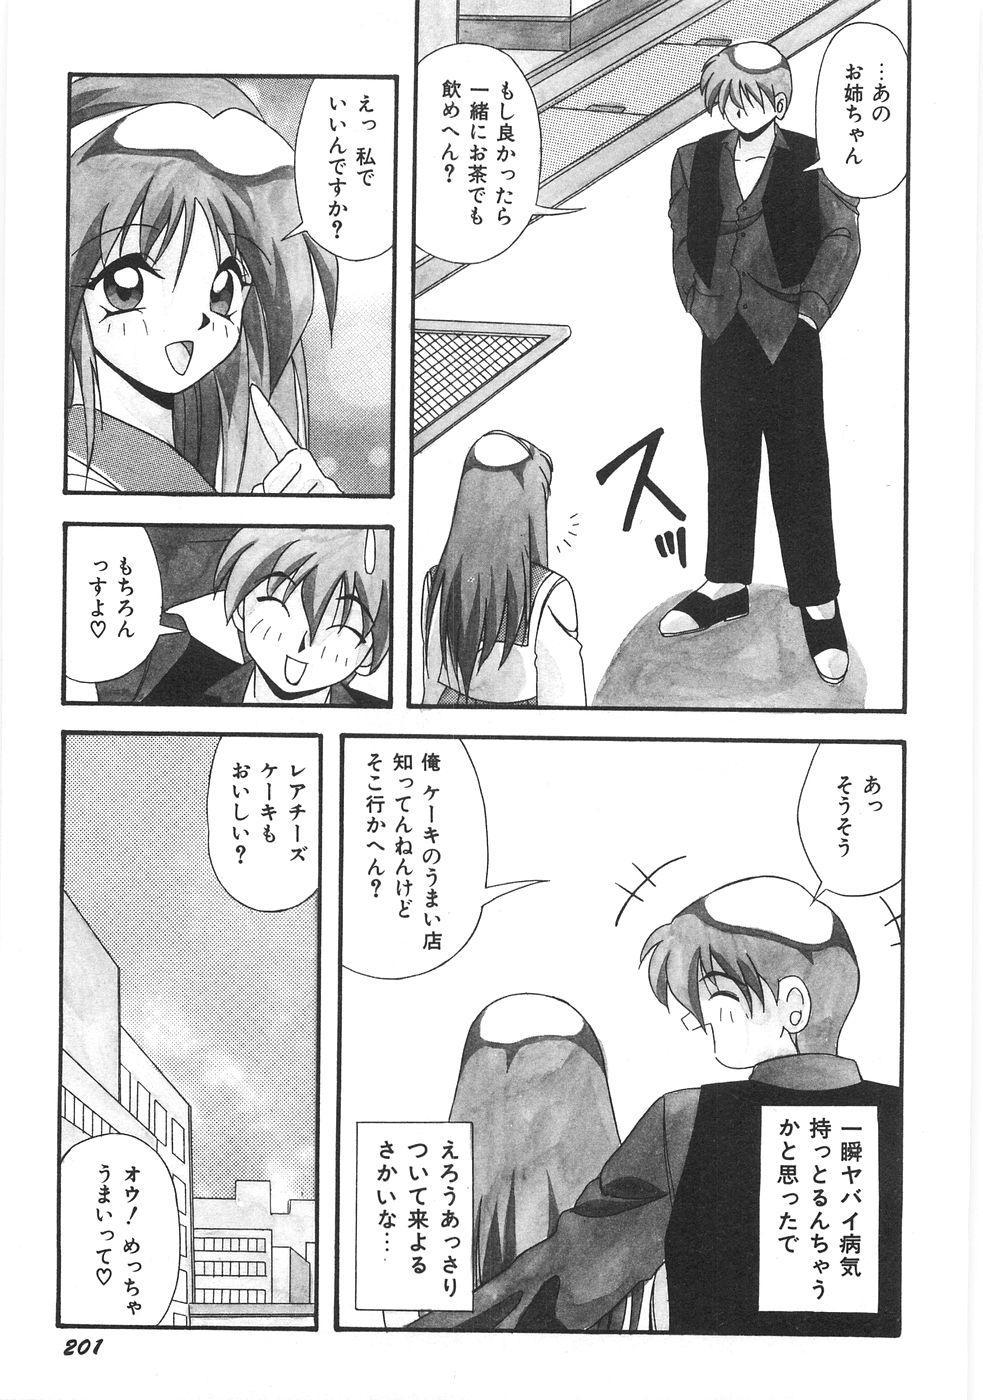 Seifuku Zukan Tenshi no Mitsugi 206